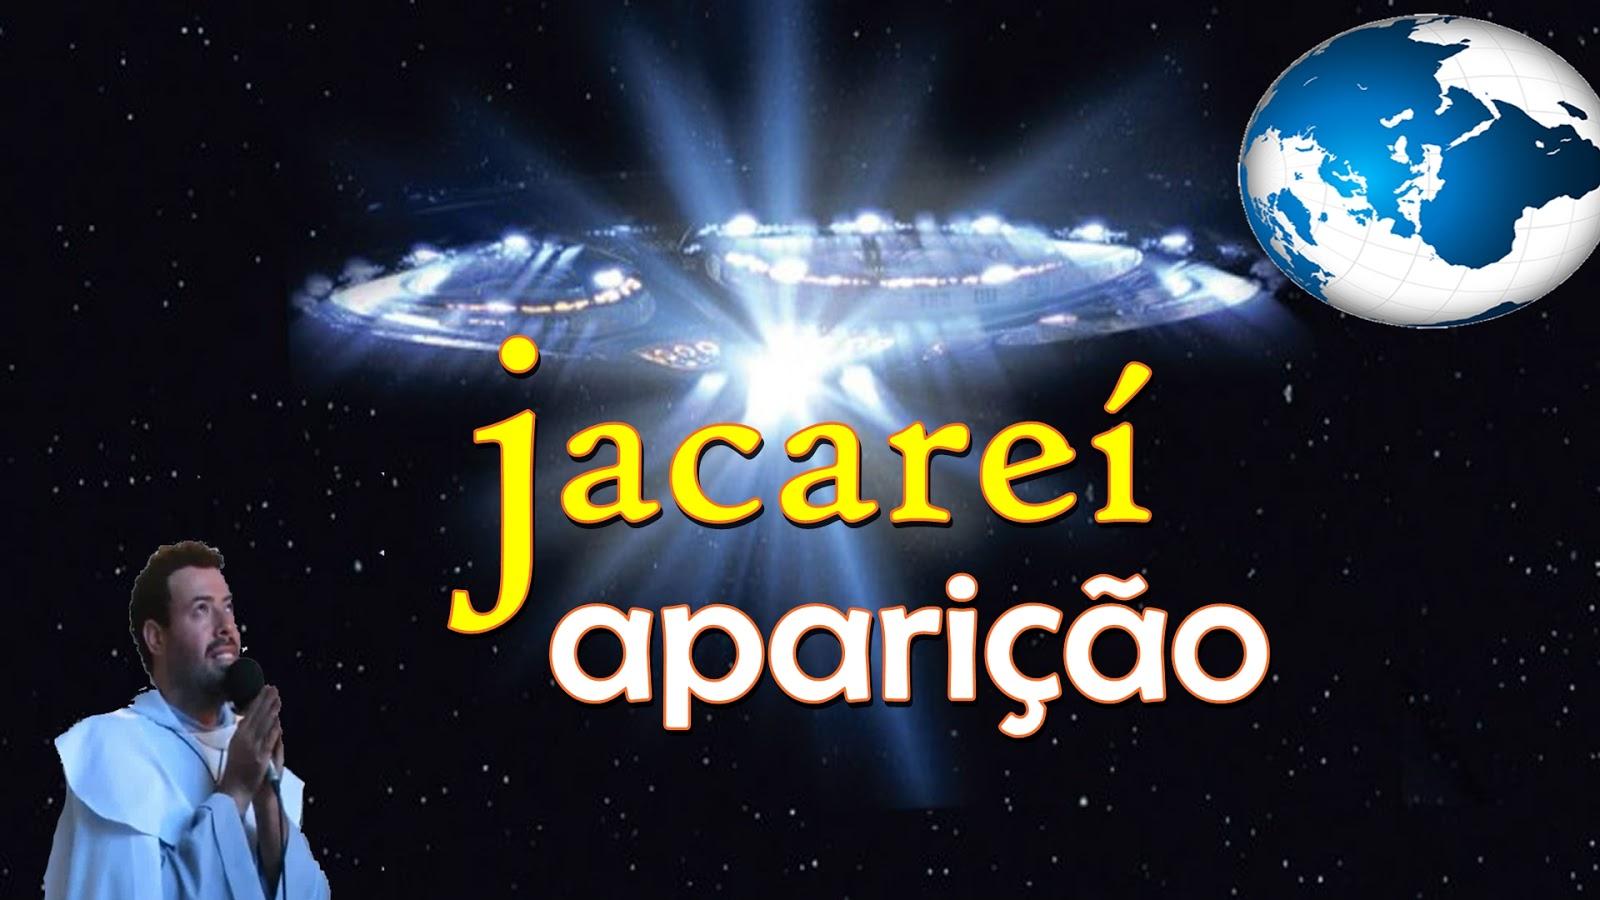 santuario das aparições de jacareí jacareí - sp, marcos tadeu, procissão